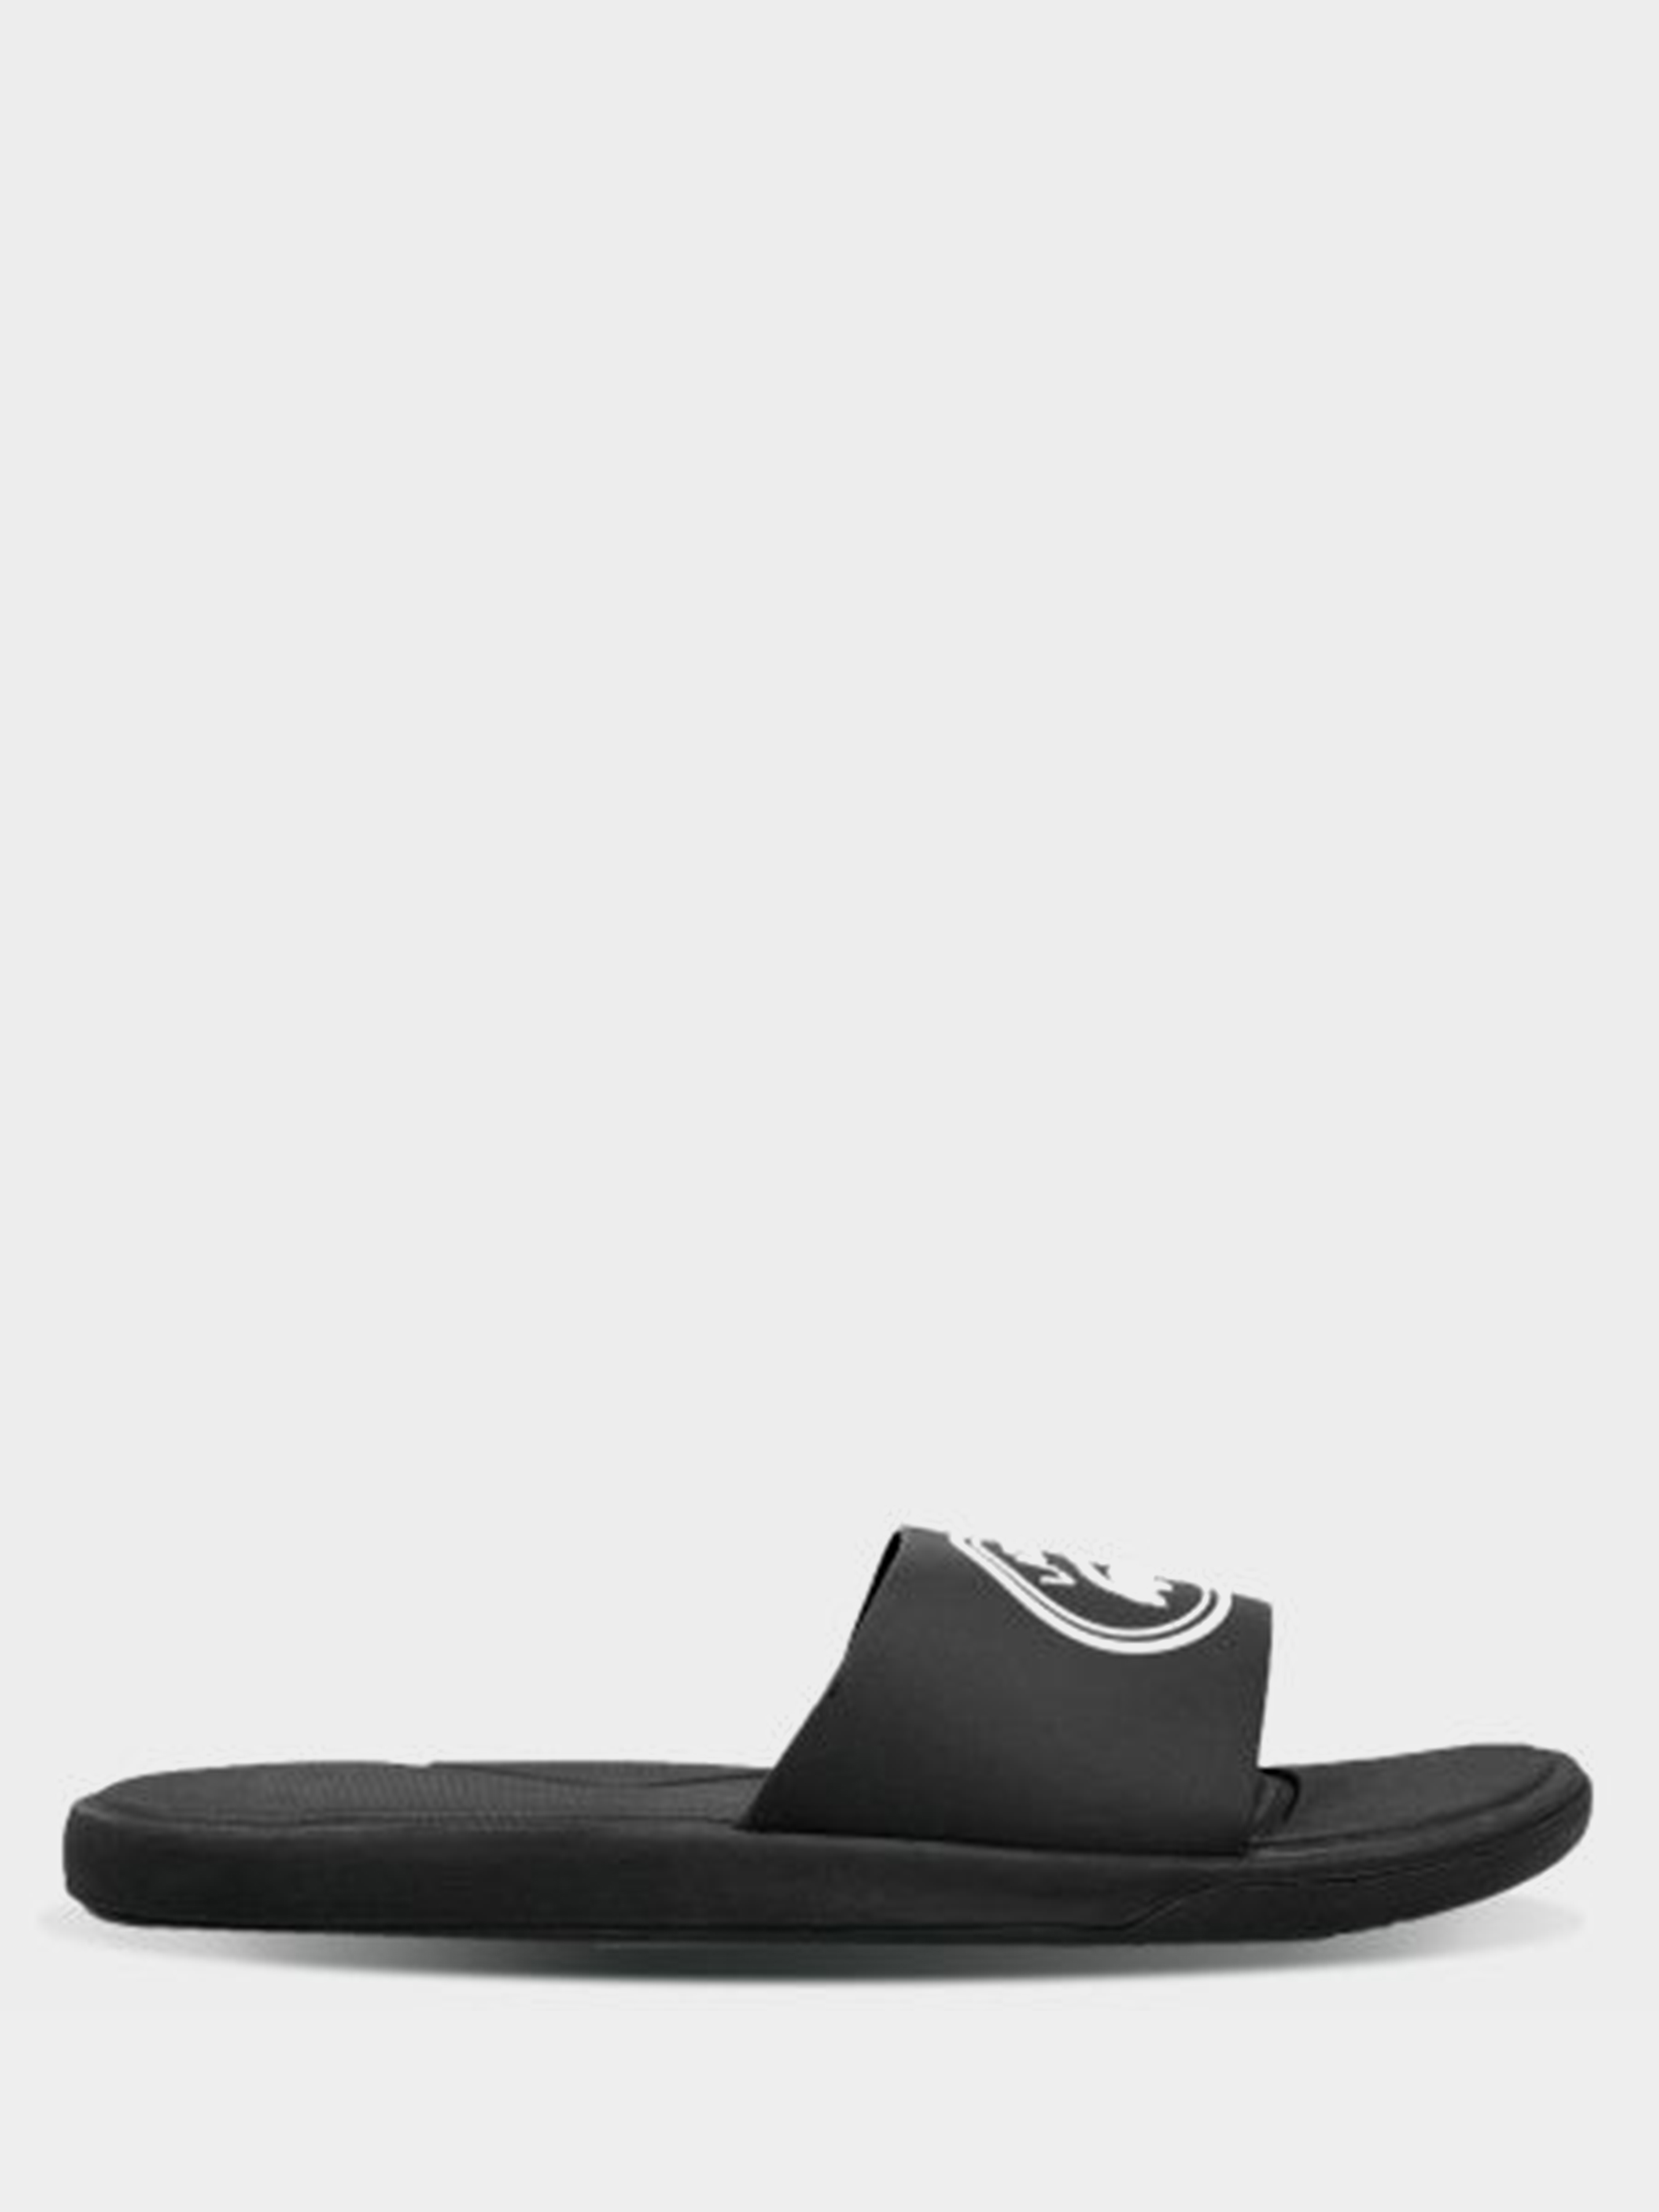 Шлёпанцы для мужчин Lacoste LK192 размерная сетка обуви, 2017